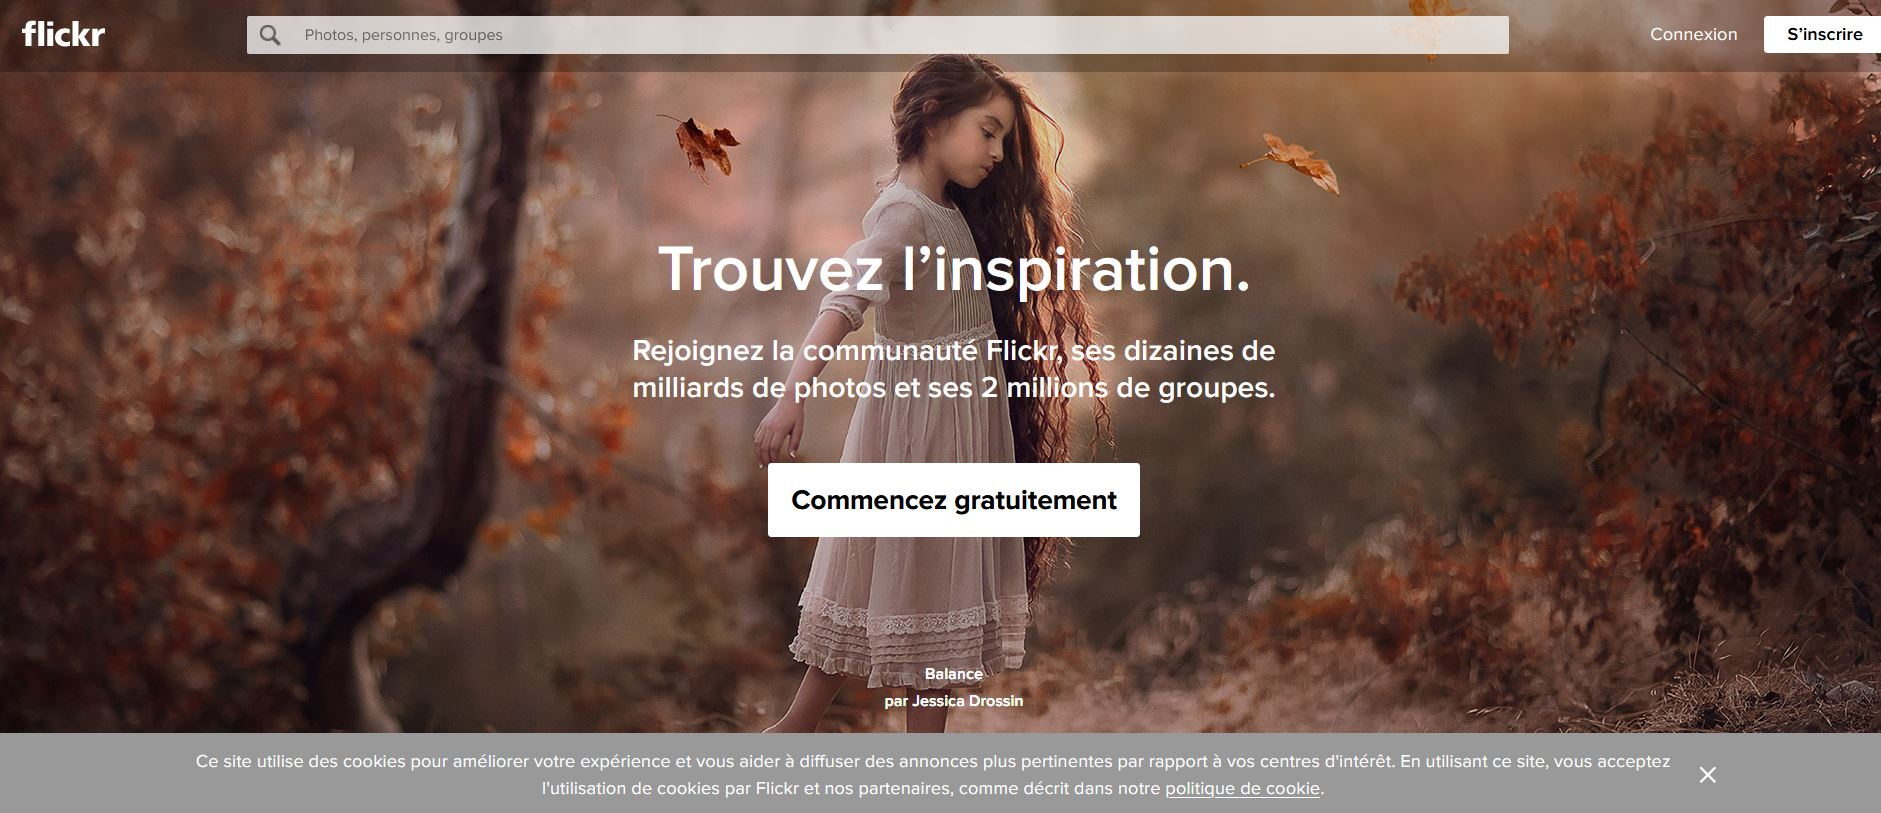 Flickr - Recherche d'images libres de droits